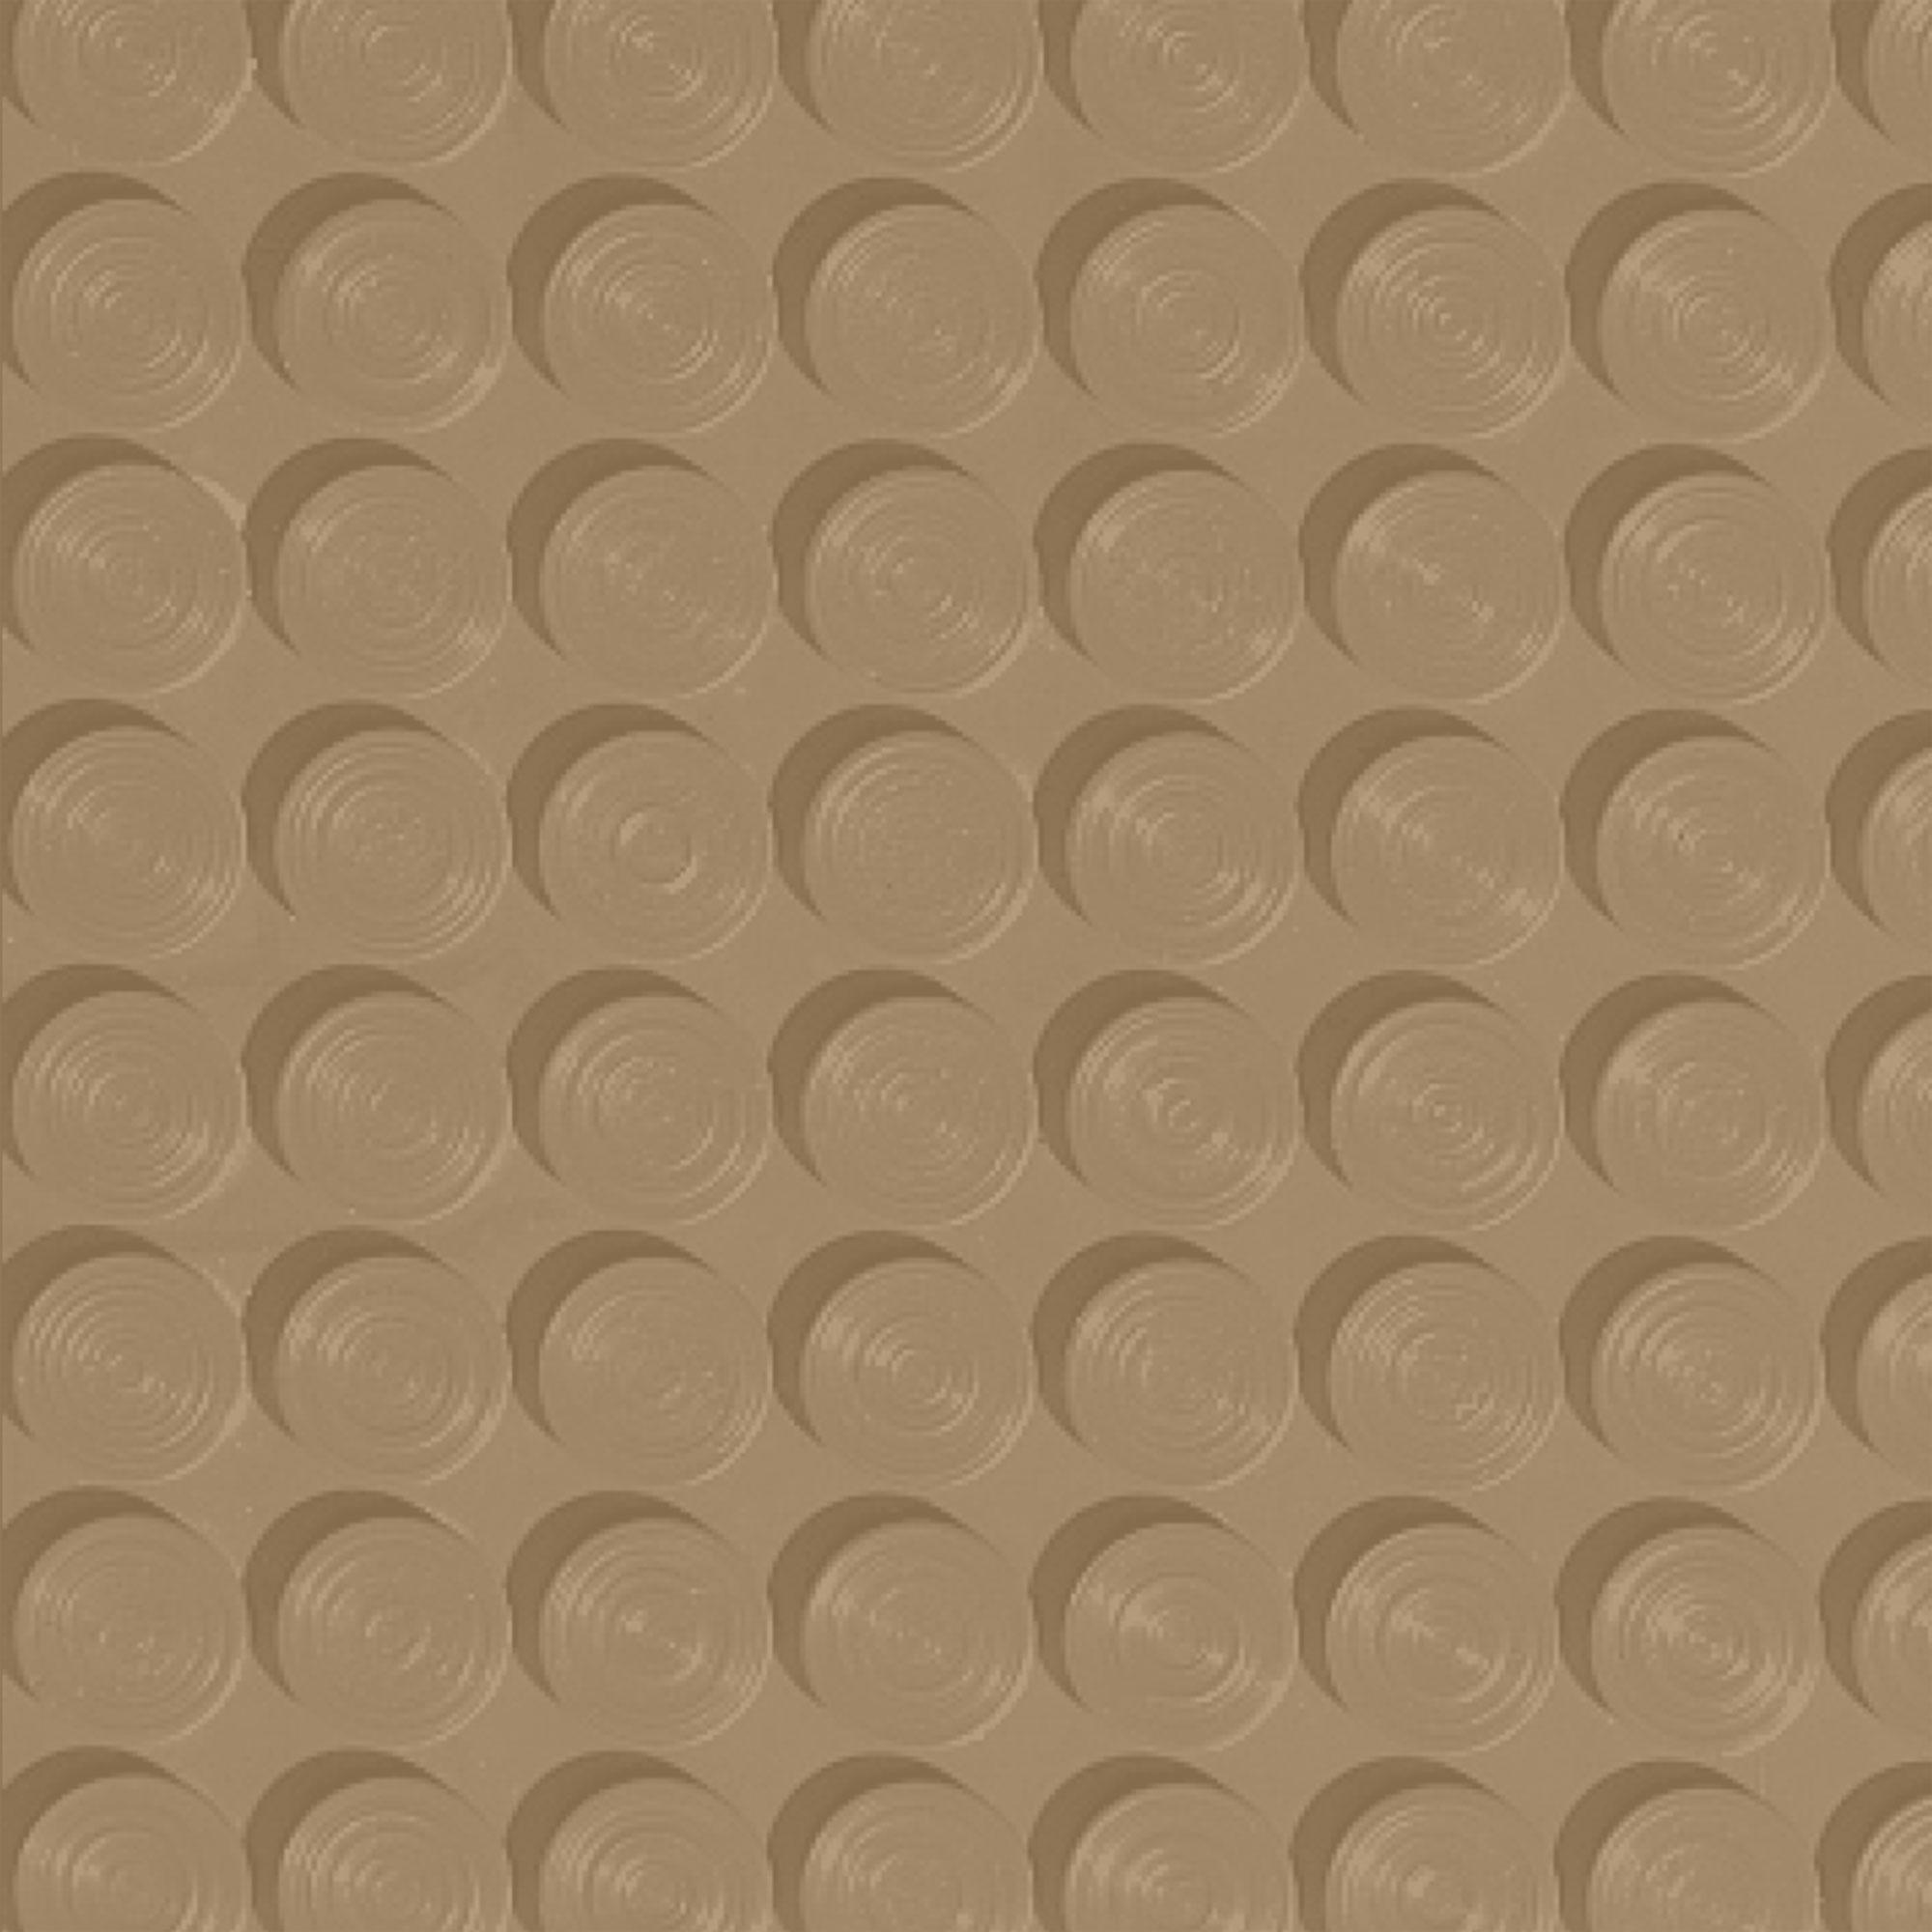 Roppe Rubber Tile 900 - Lug Back Vantage Design (LB996) Sahara Rubber Flooring